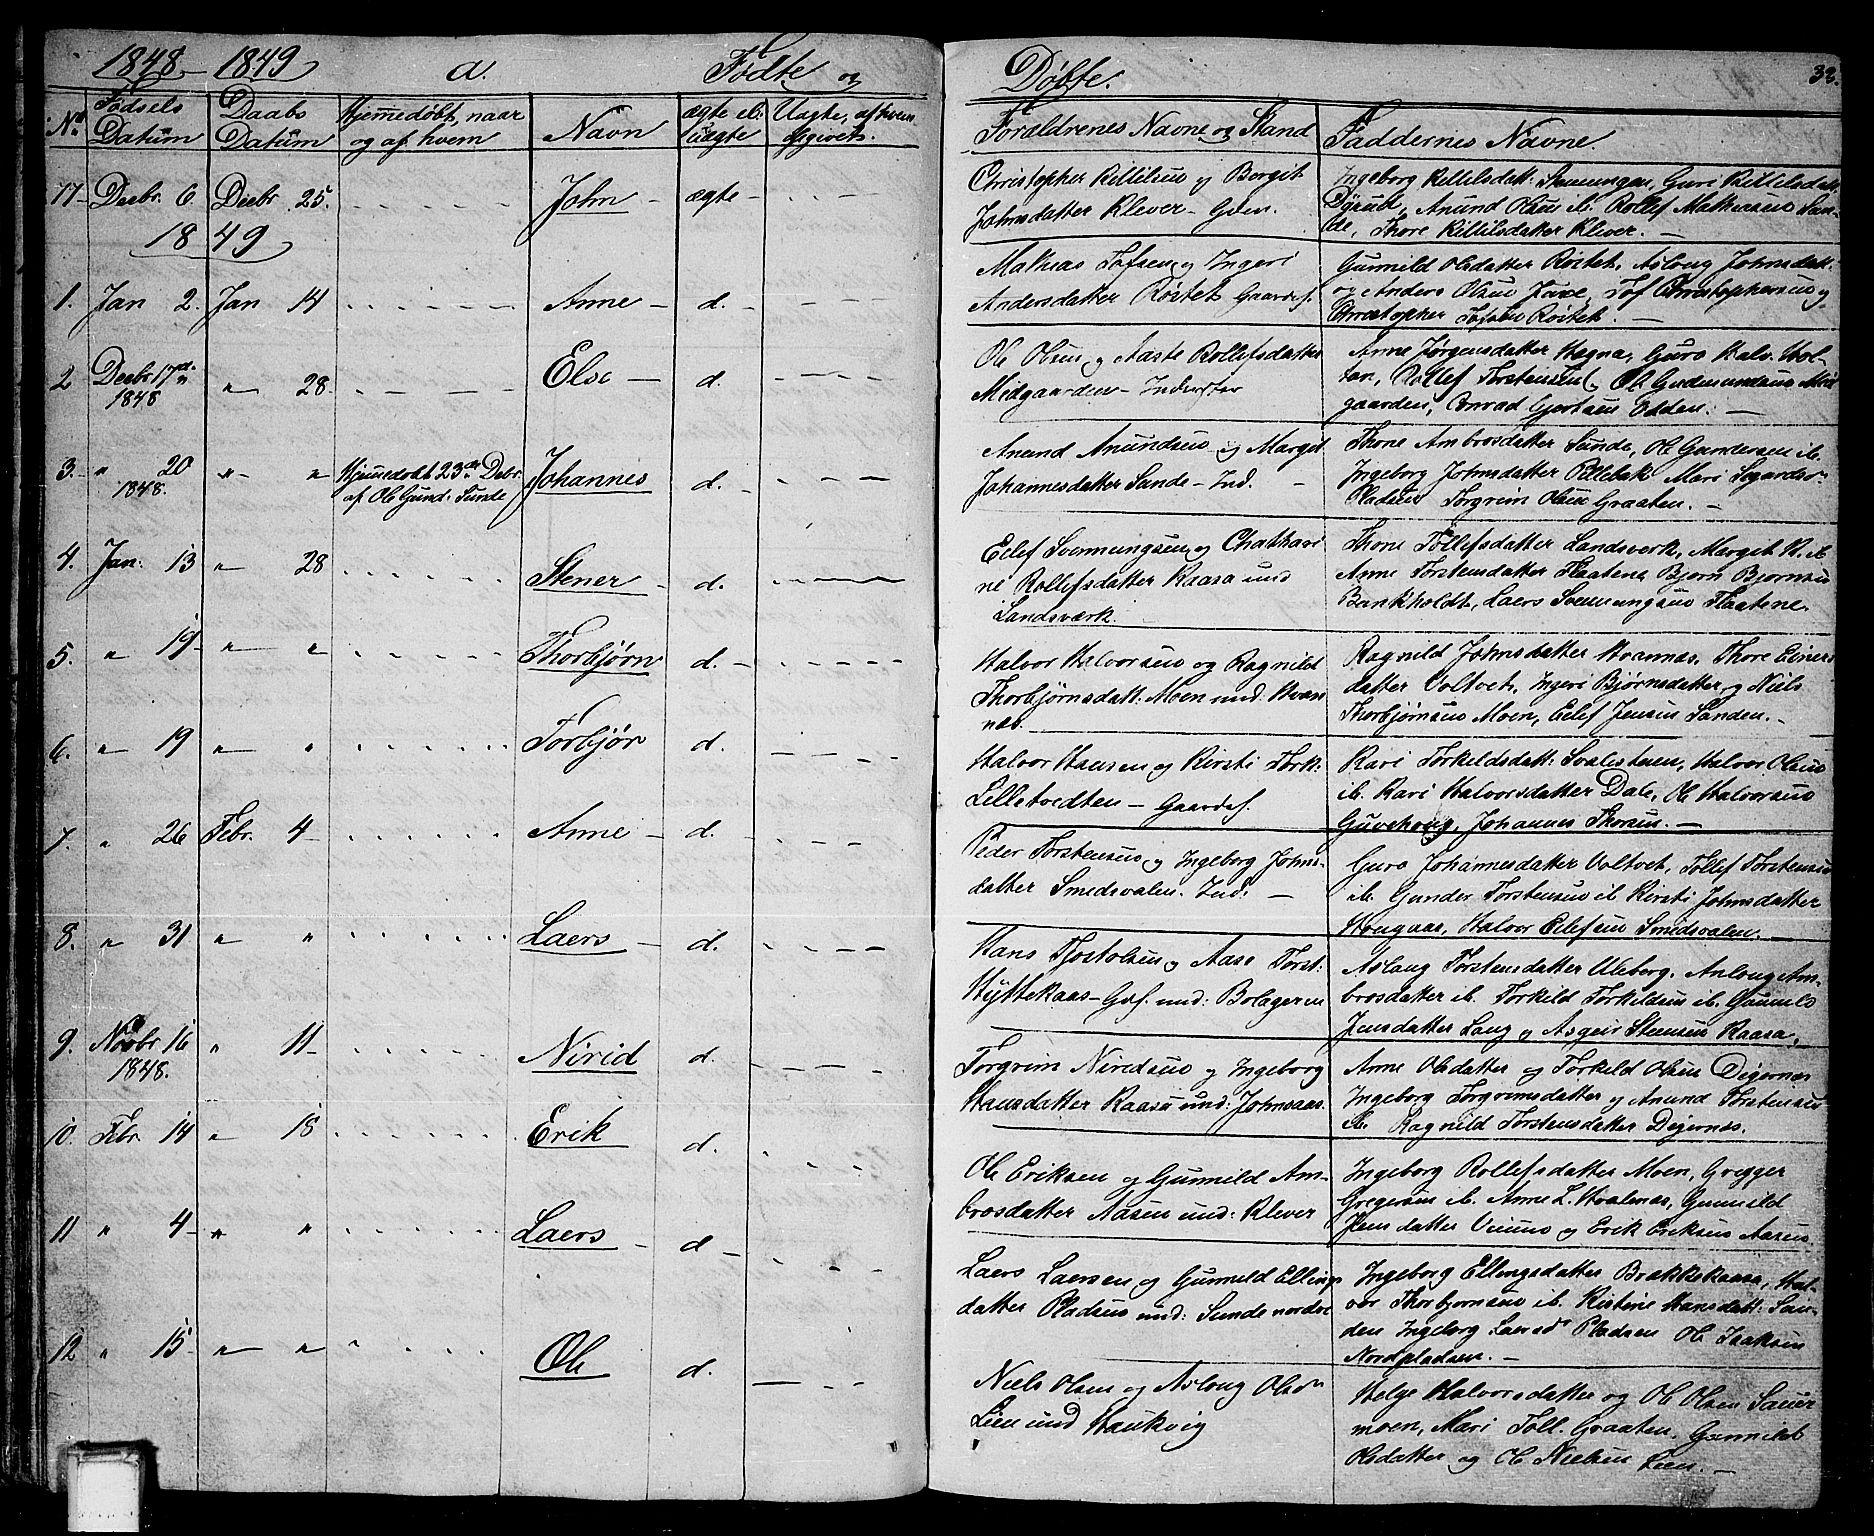 SAKO, Sauherad kirkebøker, G/Ga/L0002: Klokkerbok nr. I 2, 1842-1866, s. 33